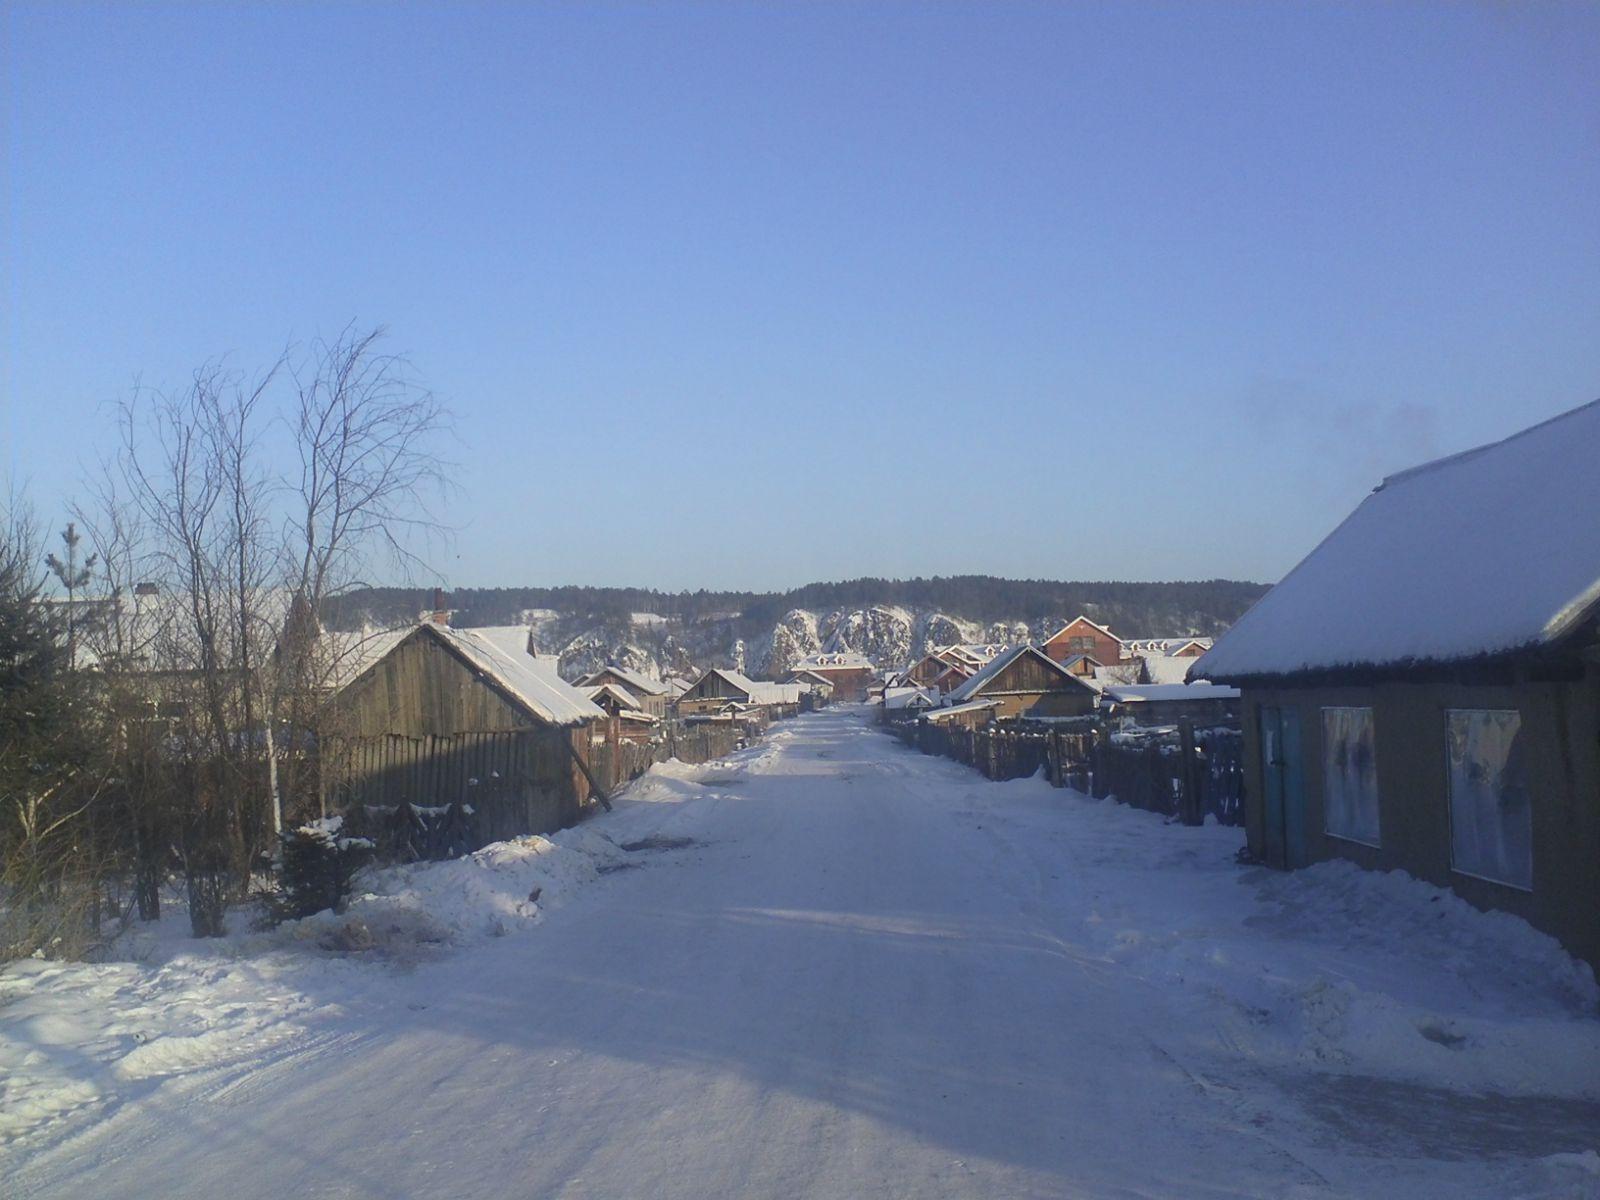 漠河大雪晚上农村房子唯美图片